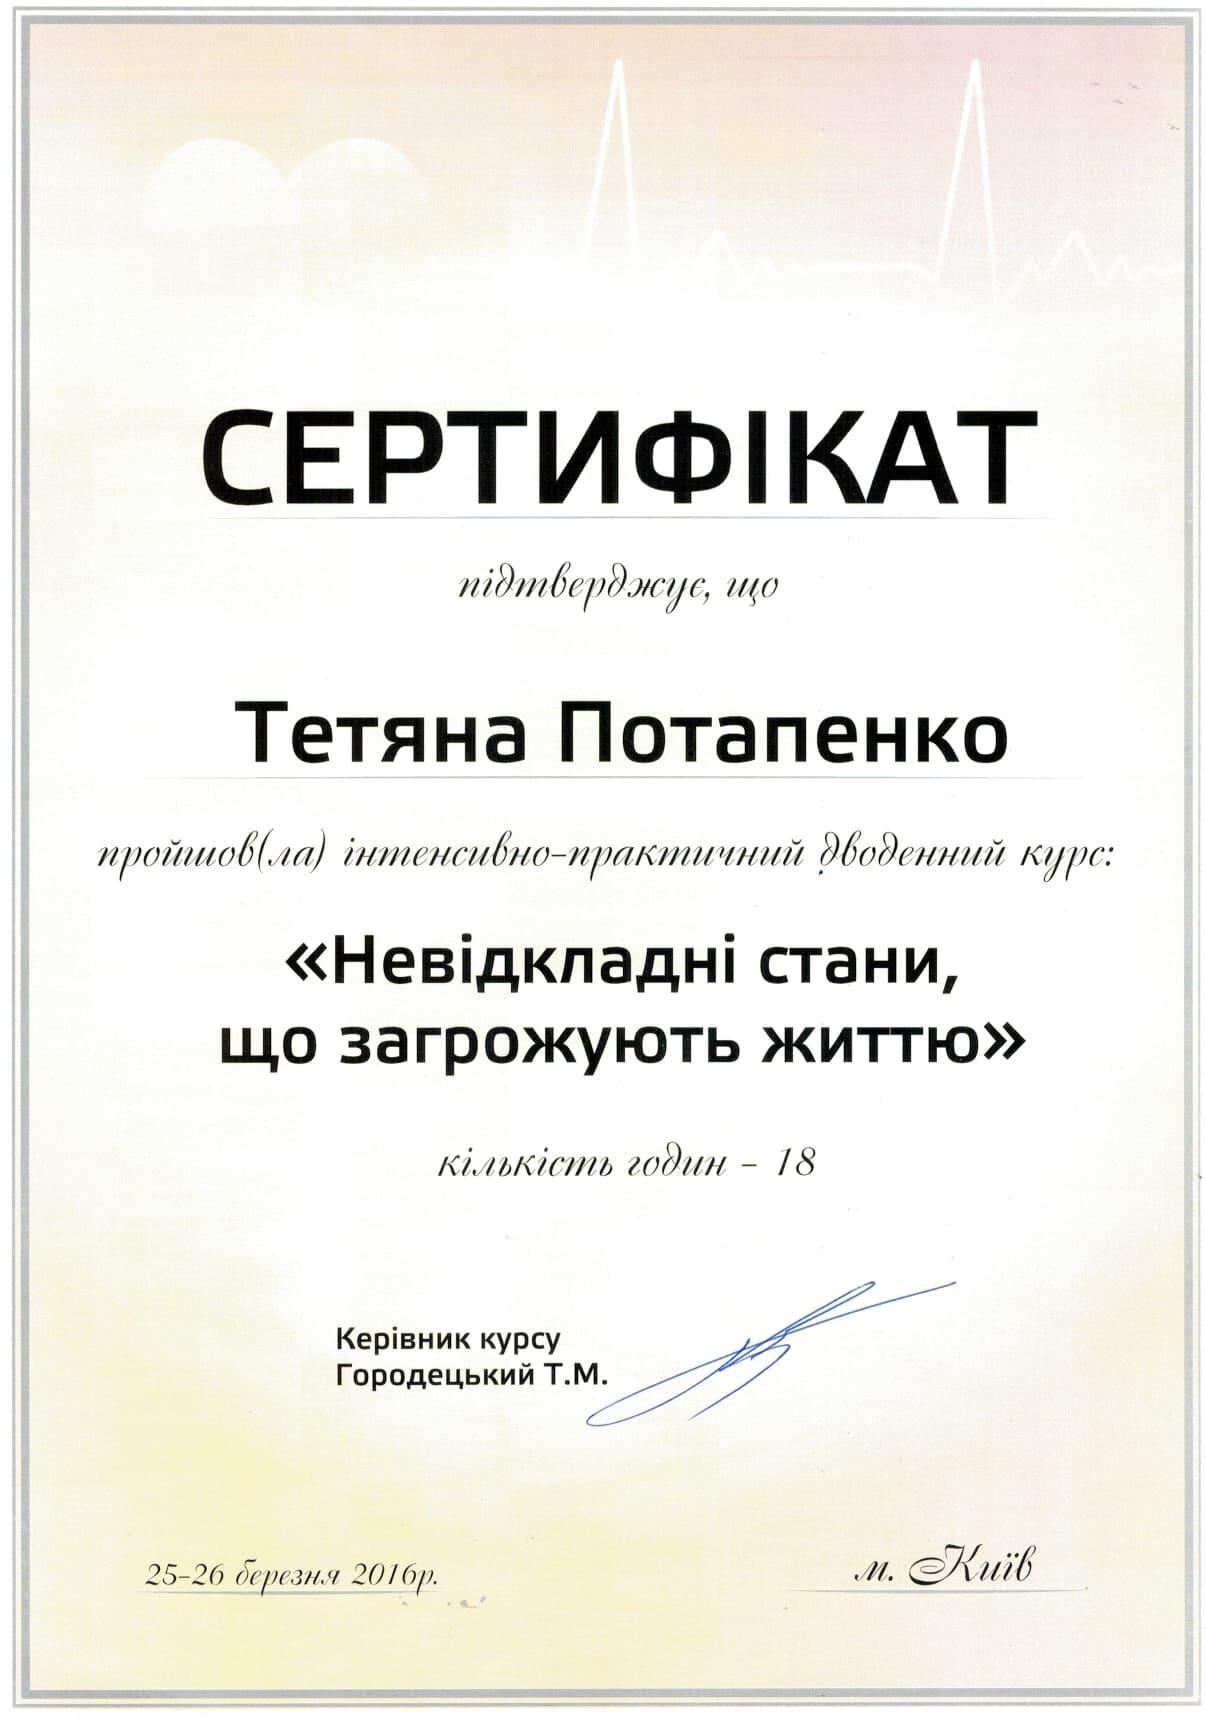 Сертифікат дитячого лікаря стоматолога Потапенко Тетяни Олексіївни об участі у курсі (Невідкладні стани, що загрожують життю)